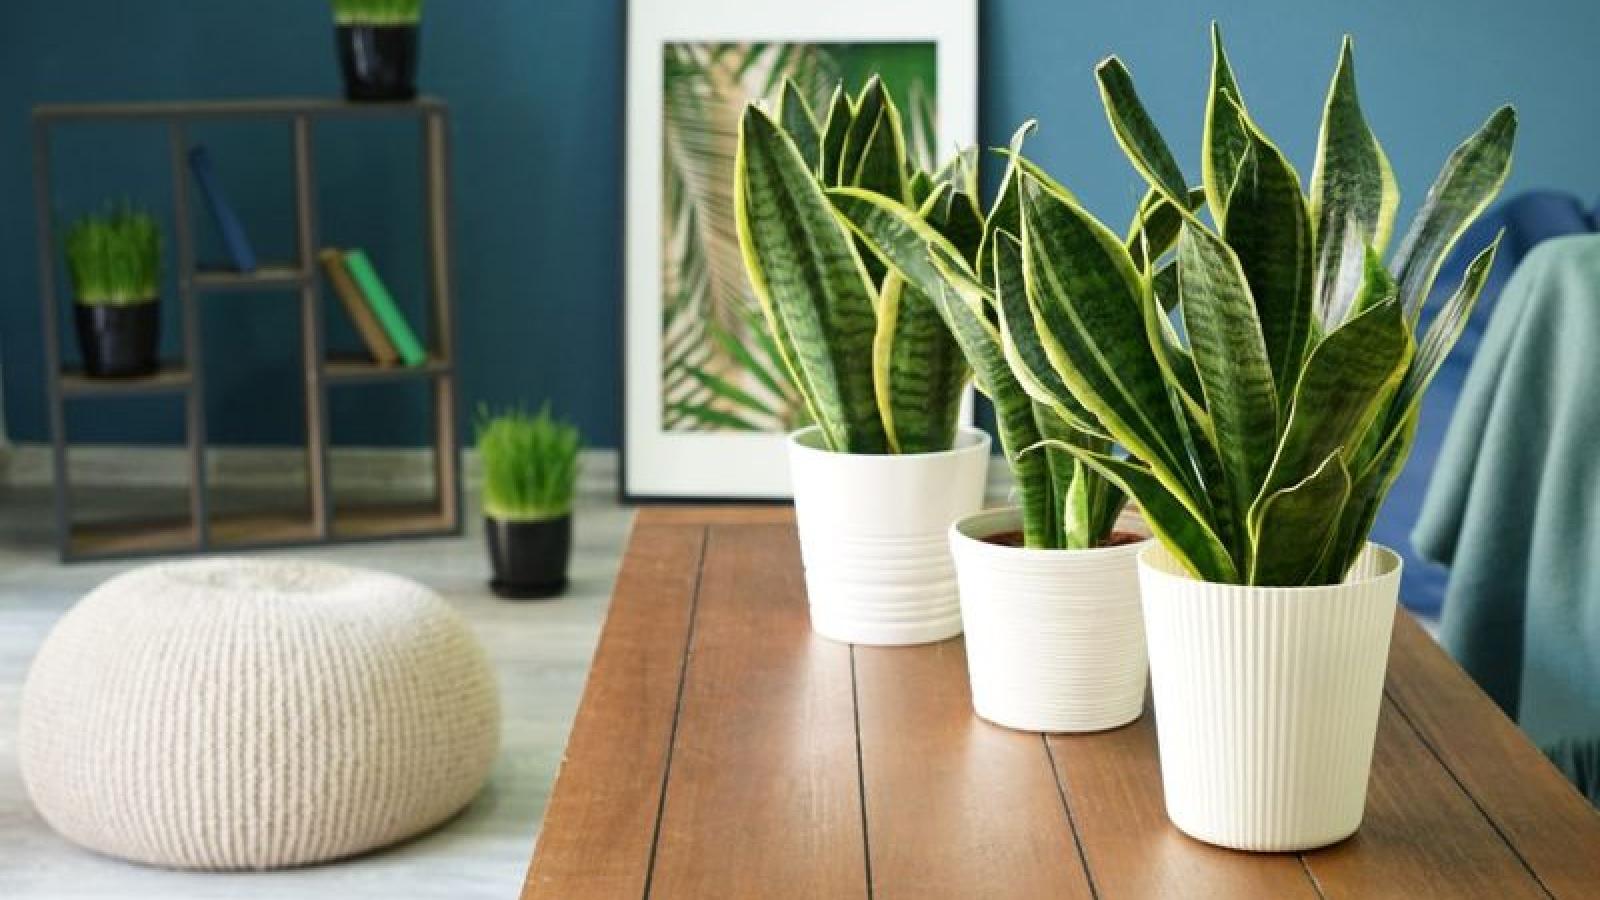 15 loại cây cảnh giúp thanh lọc không khí trong nhà